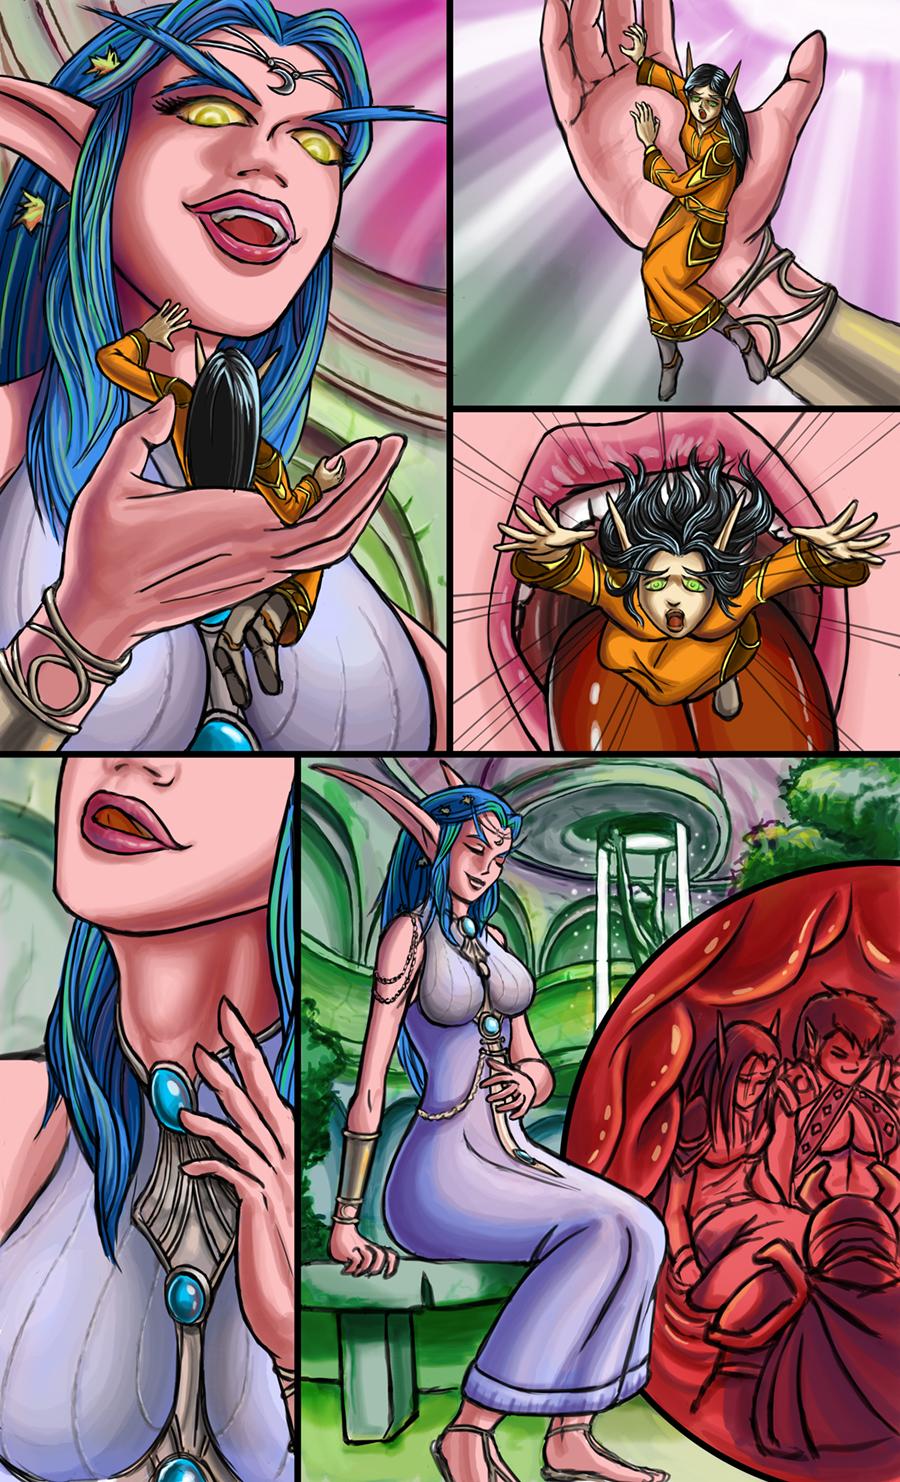 Warcraft porn vore fucking female